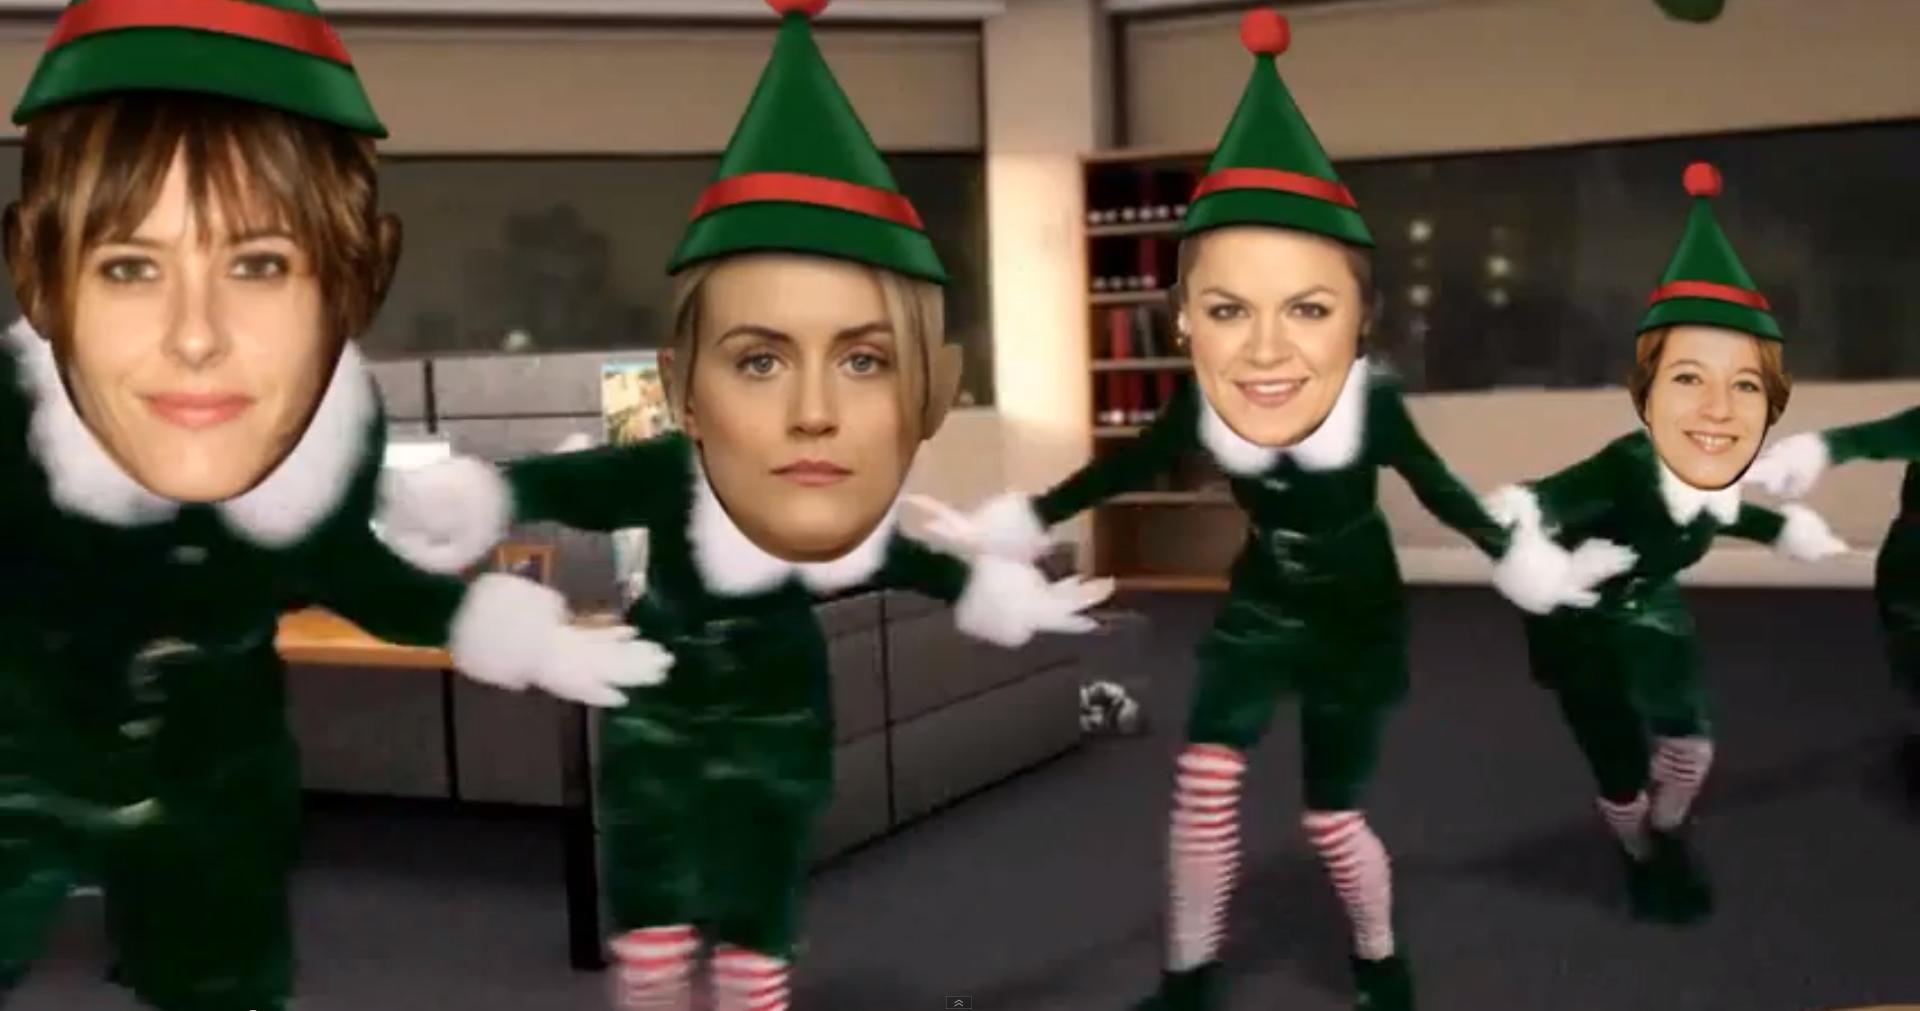 MagLes te desea Felices Fiestas